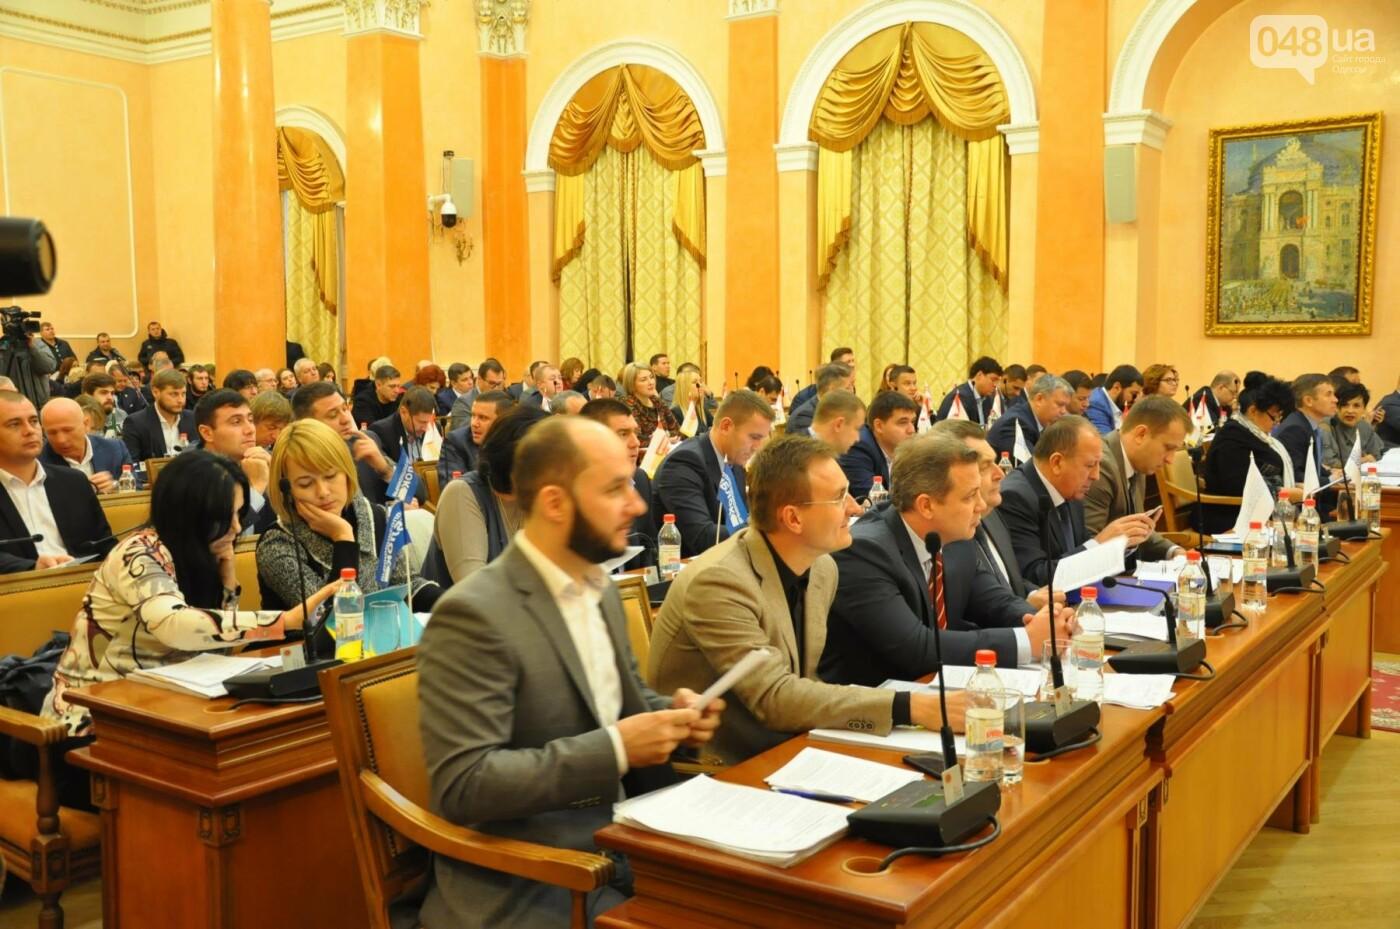 Одесские чиновники продолжат безнаказанно игнорировать свои обязанности (ФОТО, ВИДЕО)   , фото-1